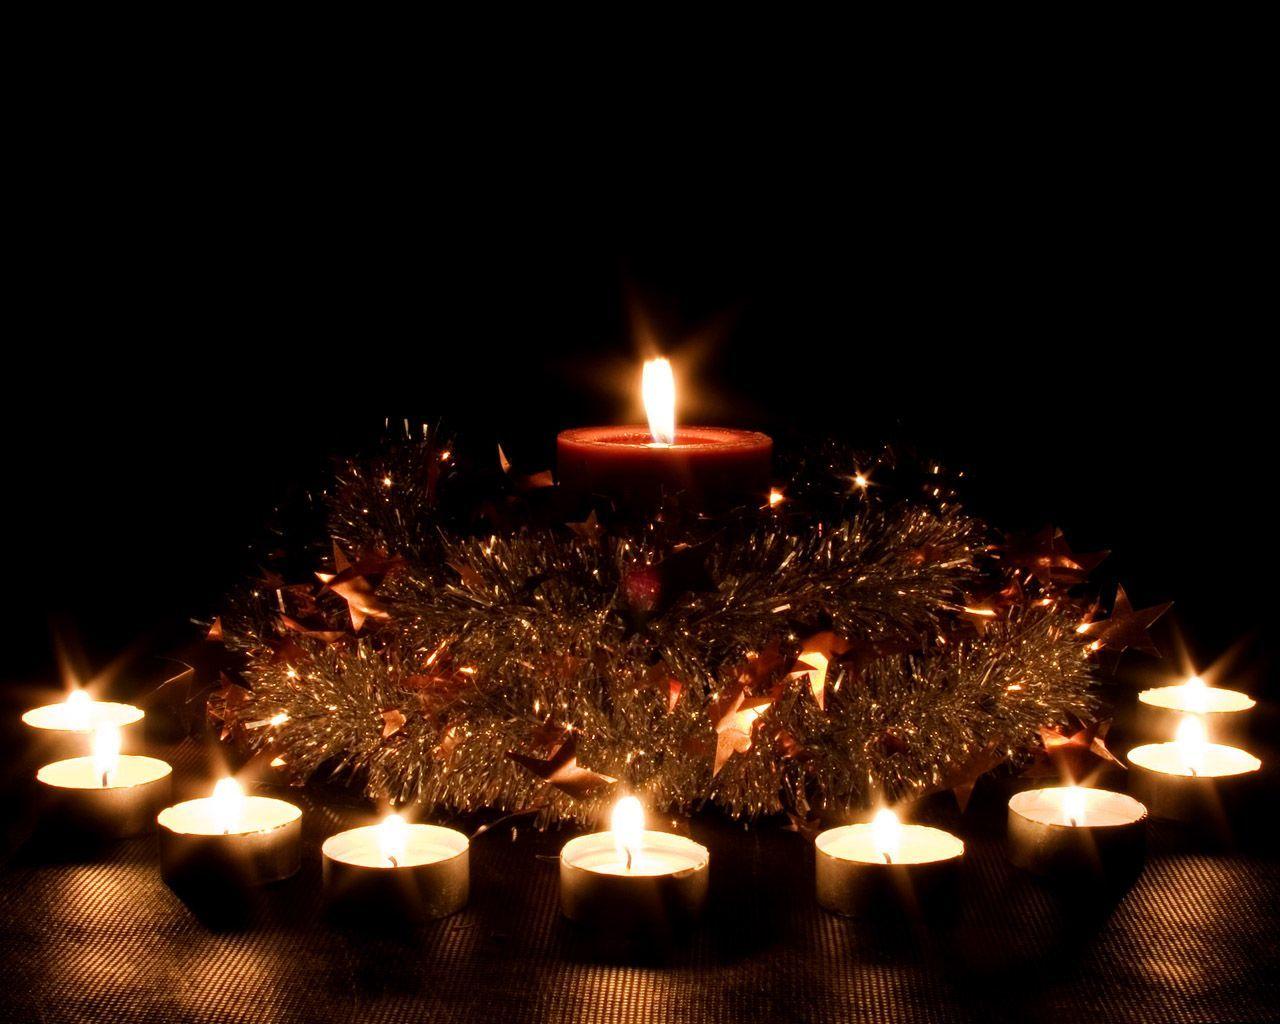 Candle light zen pinterest lights and wallpaper